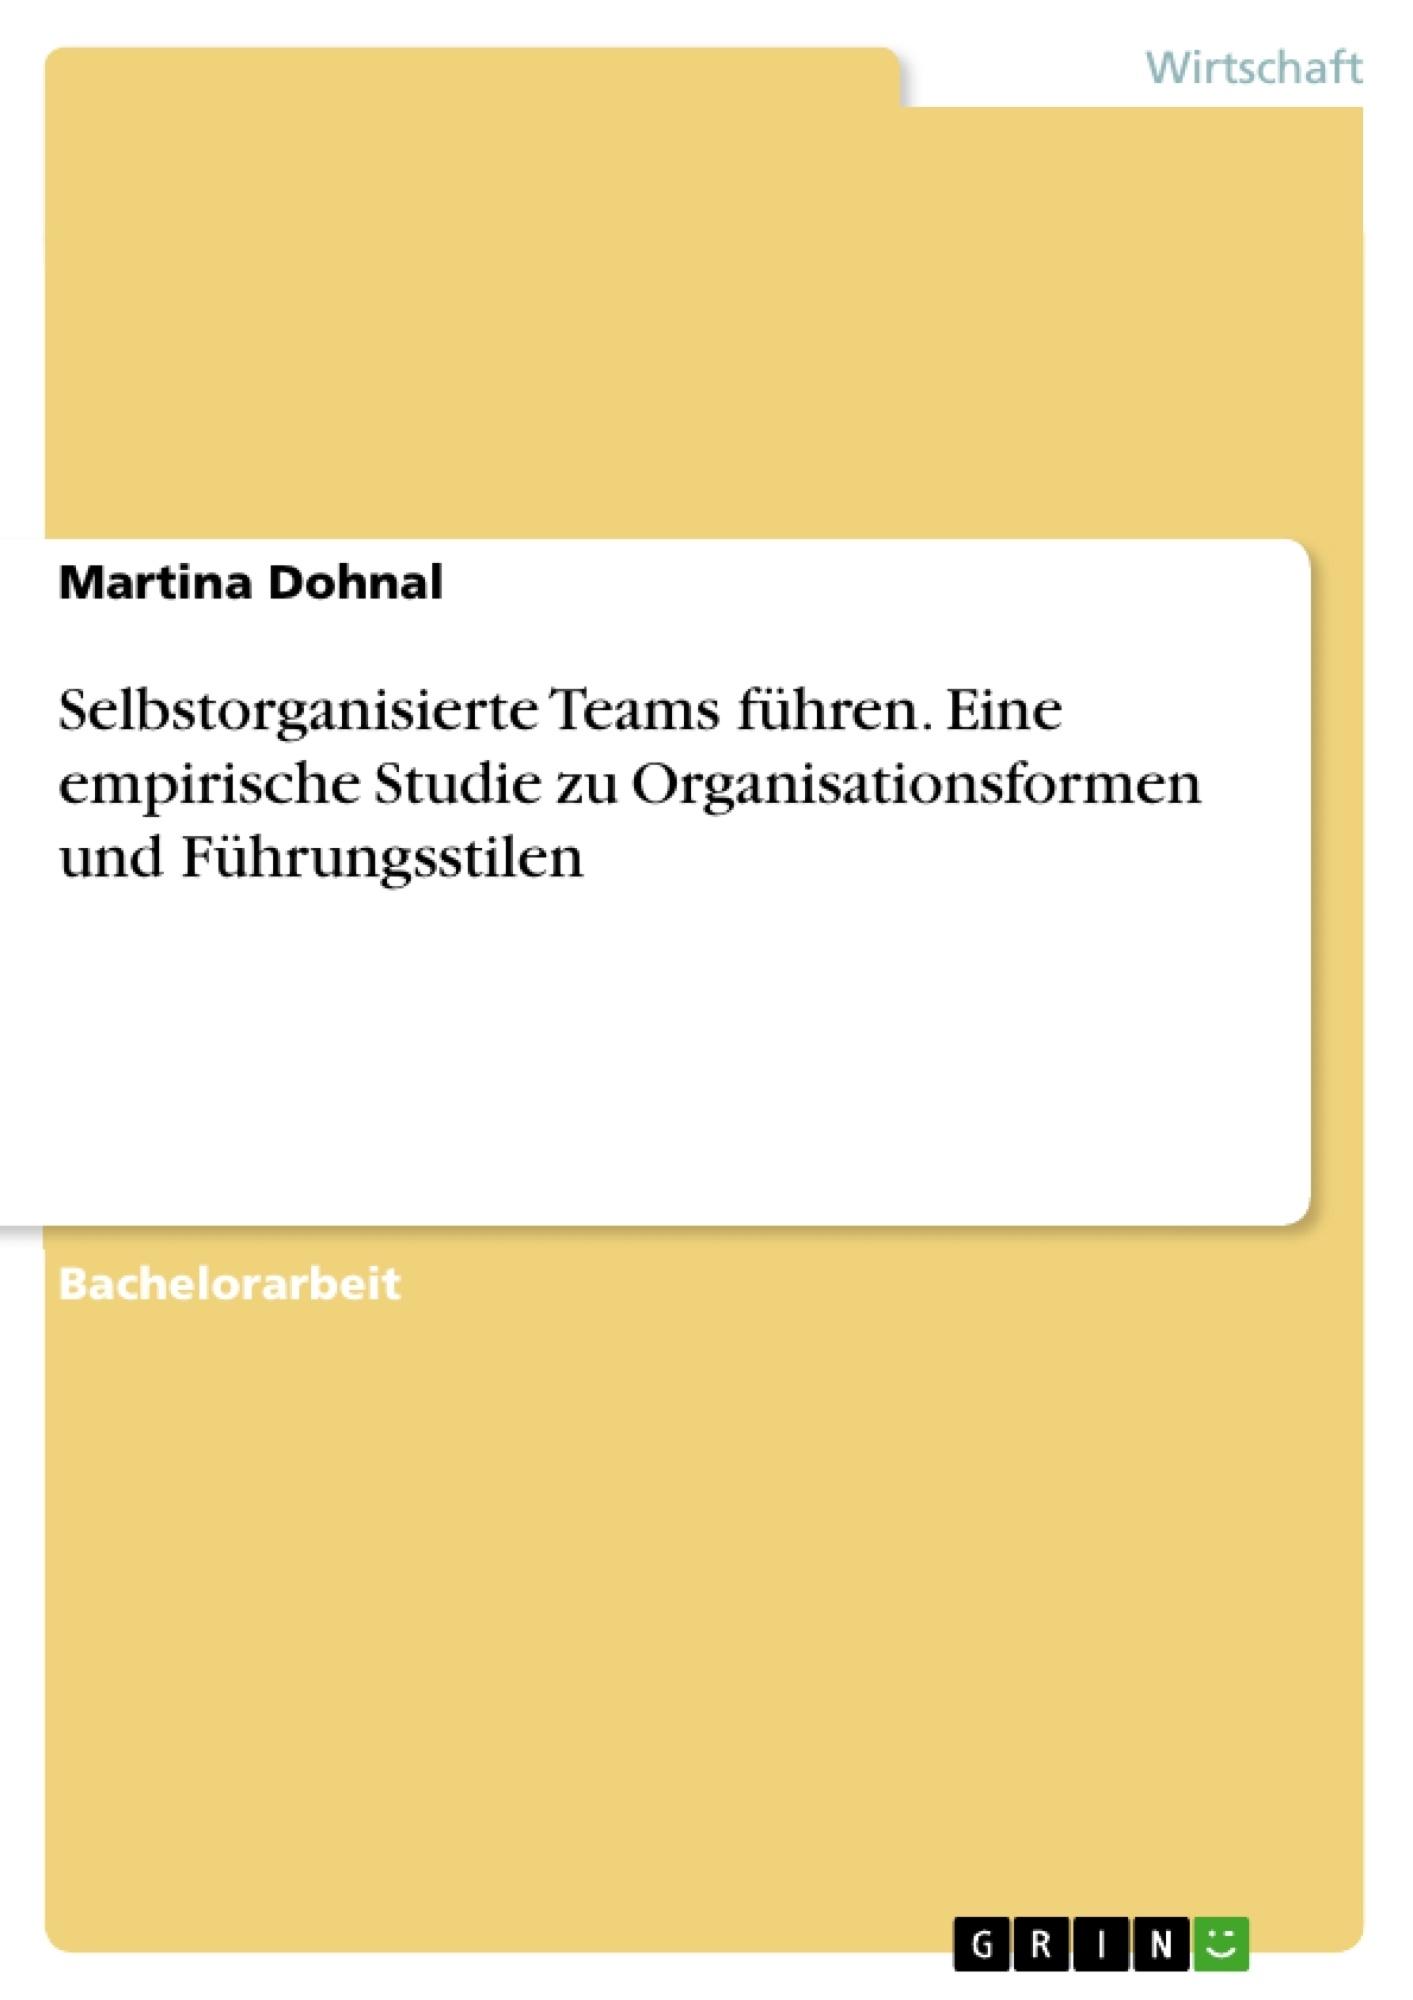 Titel: Selbstorganisierte Teams führen. Eine empirische Studie zu Organisationsformen und Führungsstilen